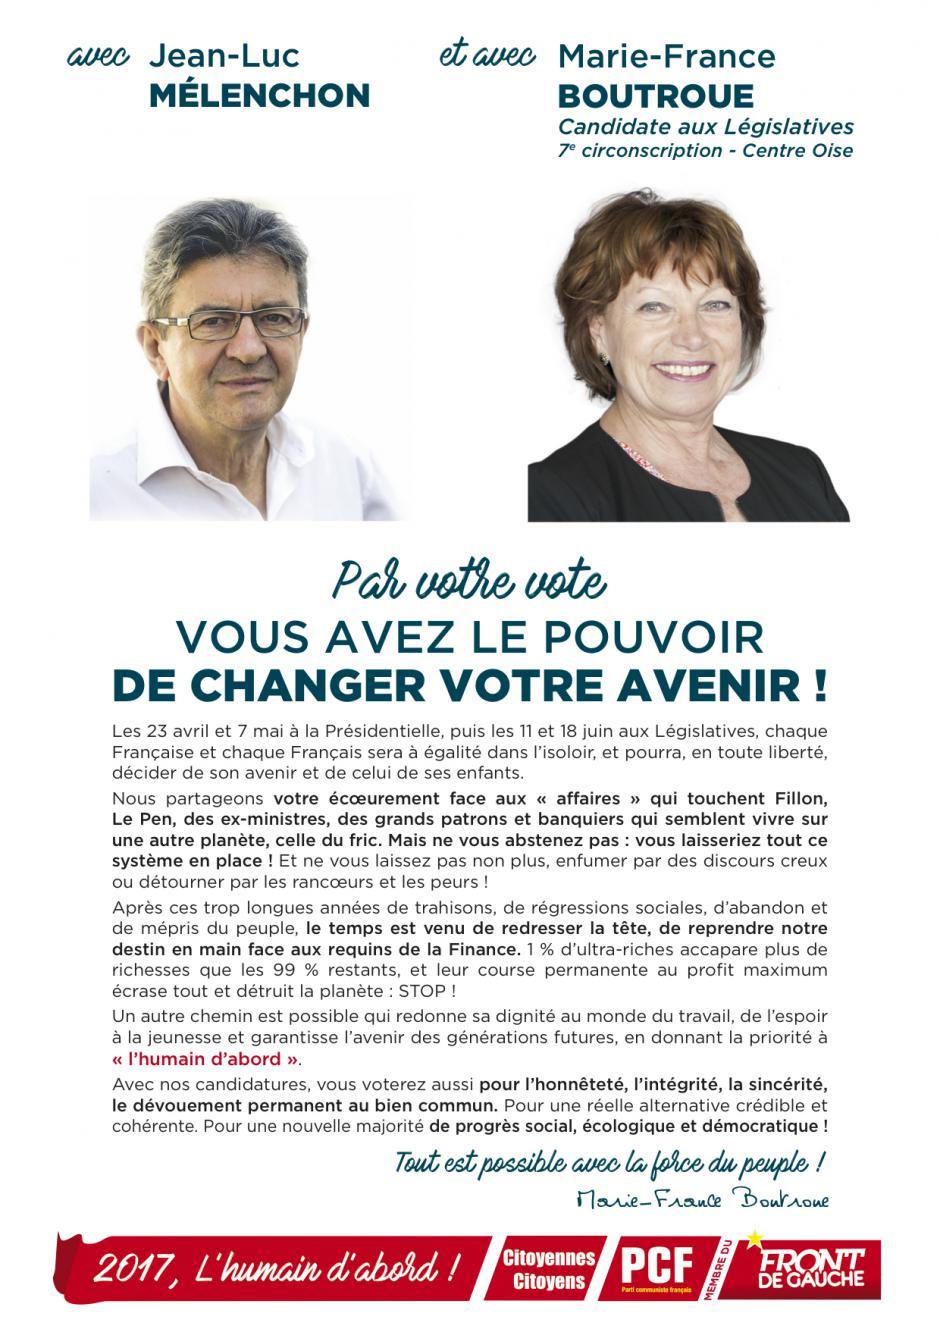 Tract « Avec Jean-Luc Mélenchon et avec Marie-France Boutroue, par votre vote, vous avez le pouvoir de changer votre avenir » - 7e circonscription de l'Oise, 7 avril 2017